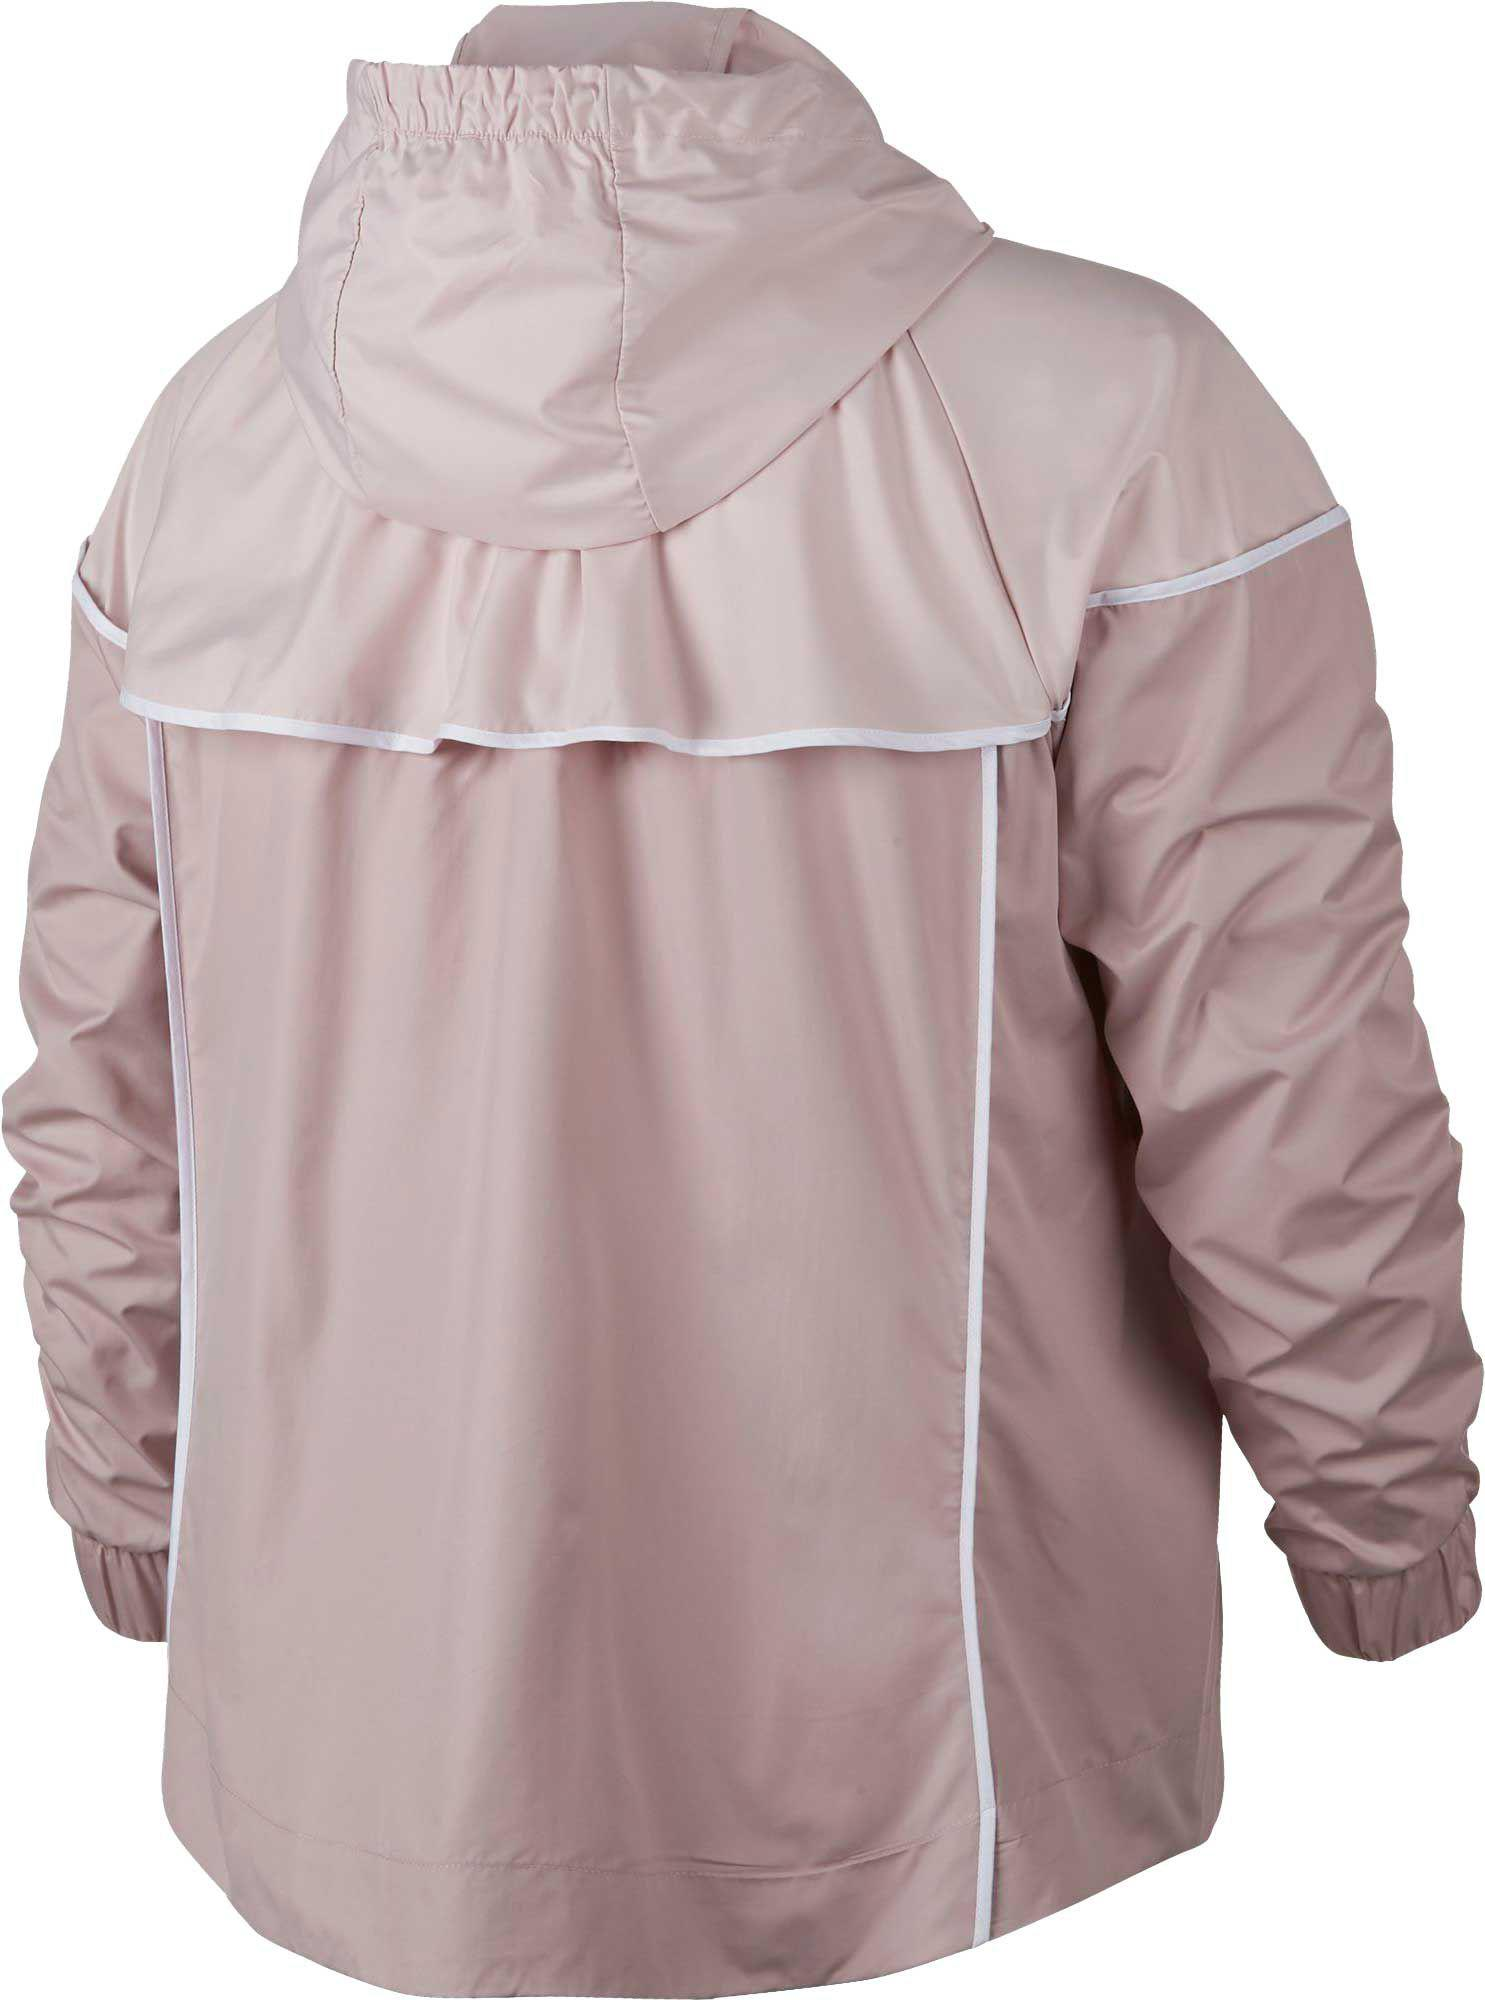 f768c72dbd5 Lyst - Nike Plus Size Sportswear Windrunner Jacket in Pink